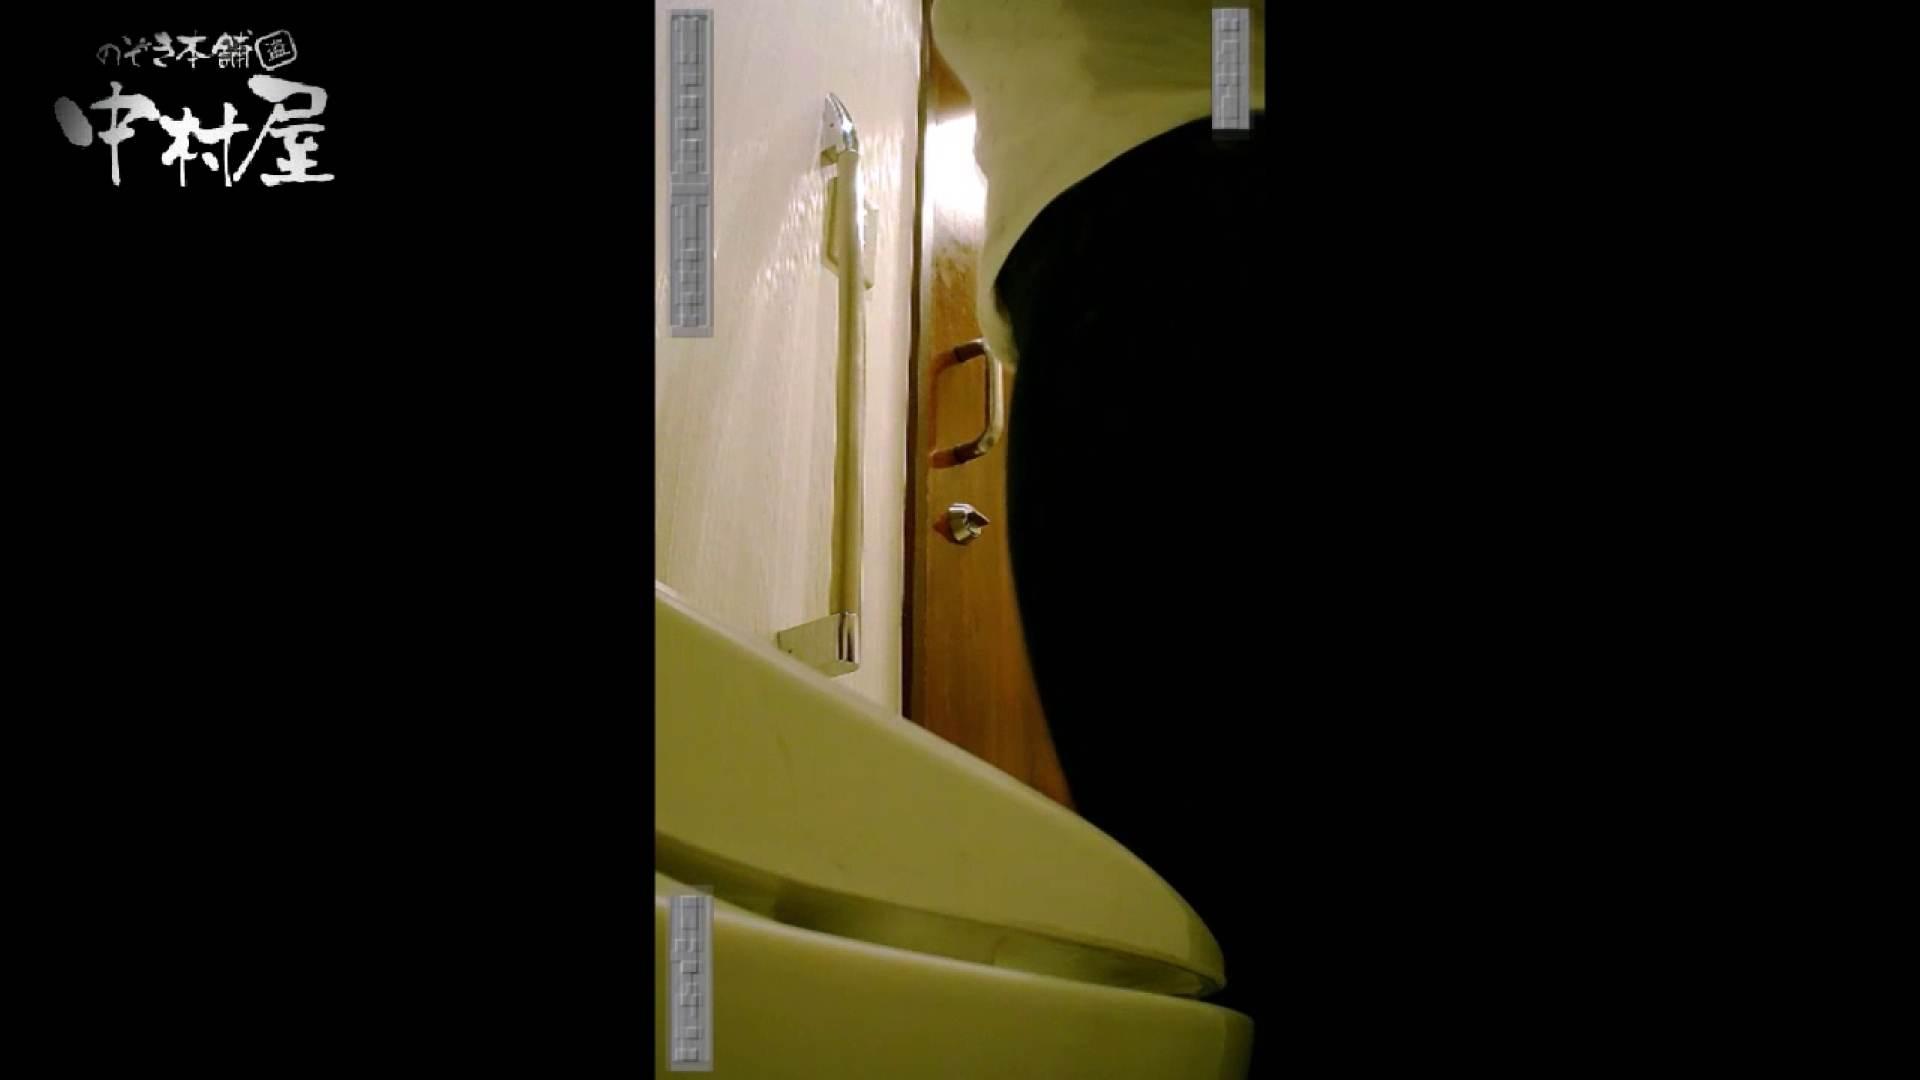 高画質トイレ盗撮vol.15 高画質 エロ無料画像 95PIX 23